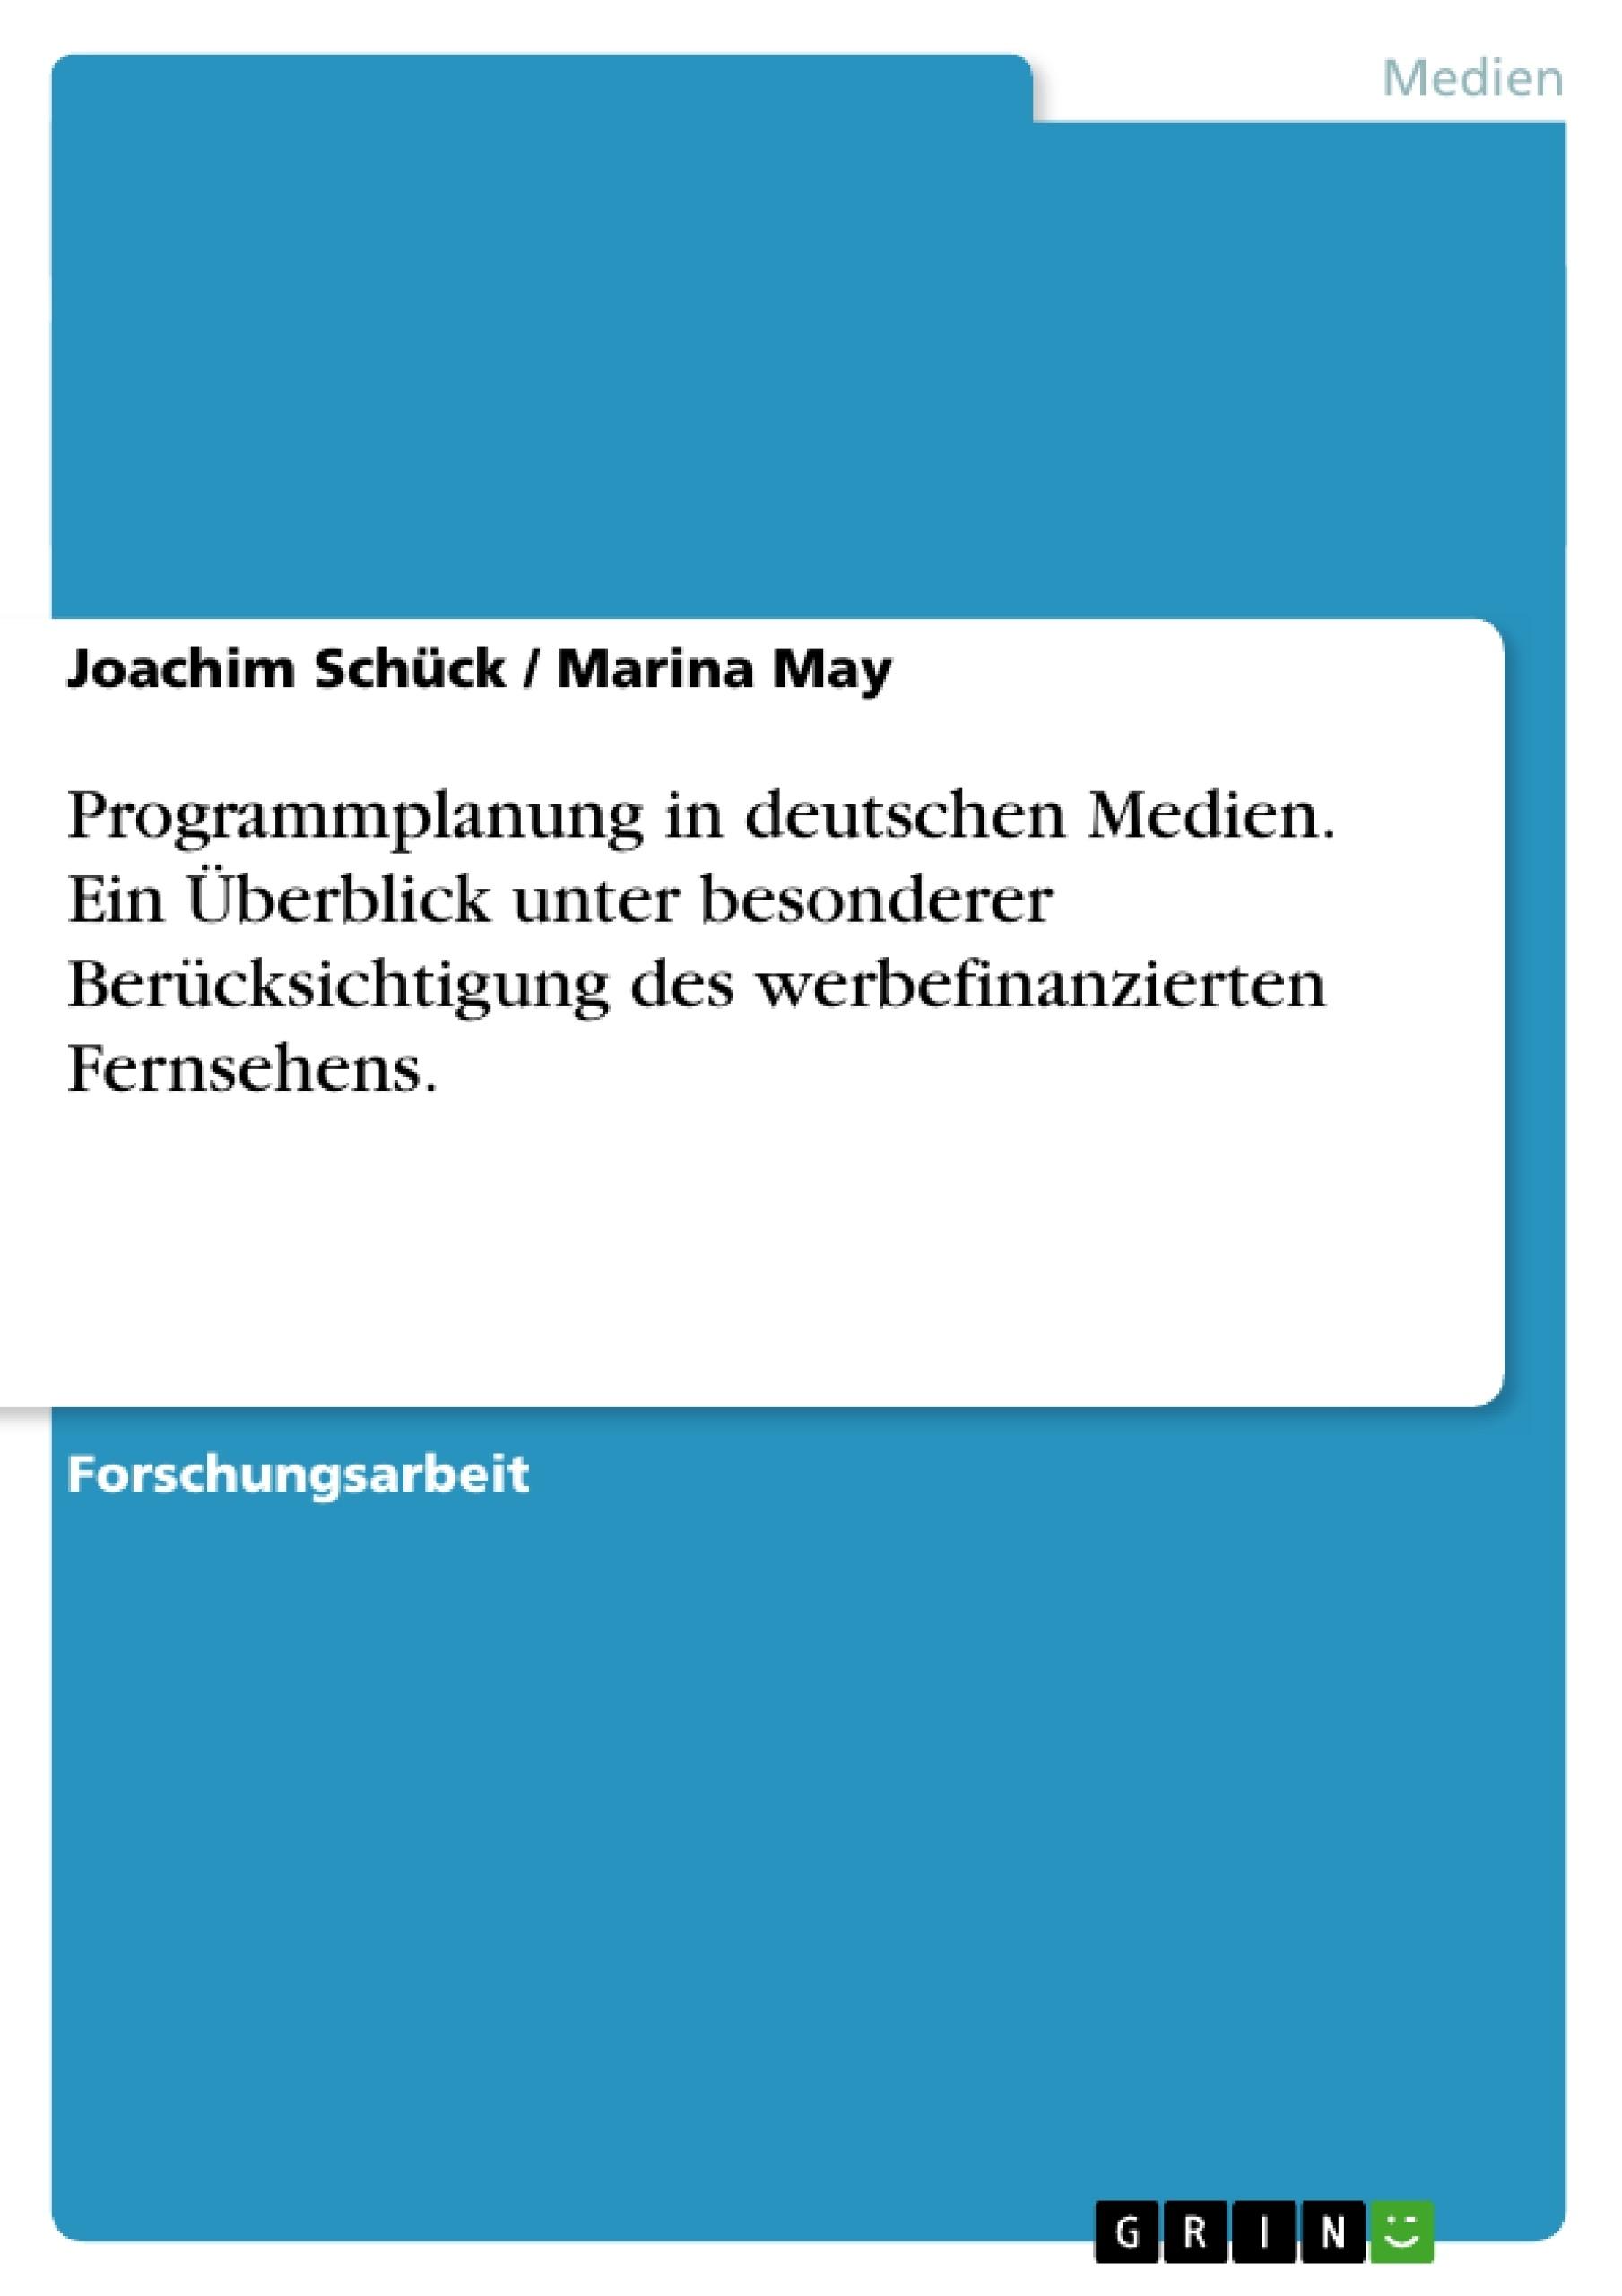 Titel: Programmplanung in deutschen Medien. Ein Überblick unter besonderer Berücksichtigung des werbefinanzierten Fernsehens.